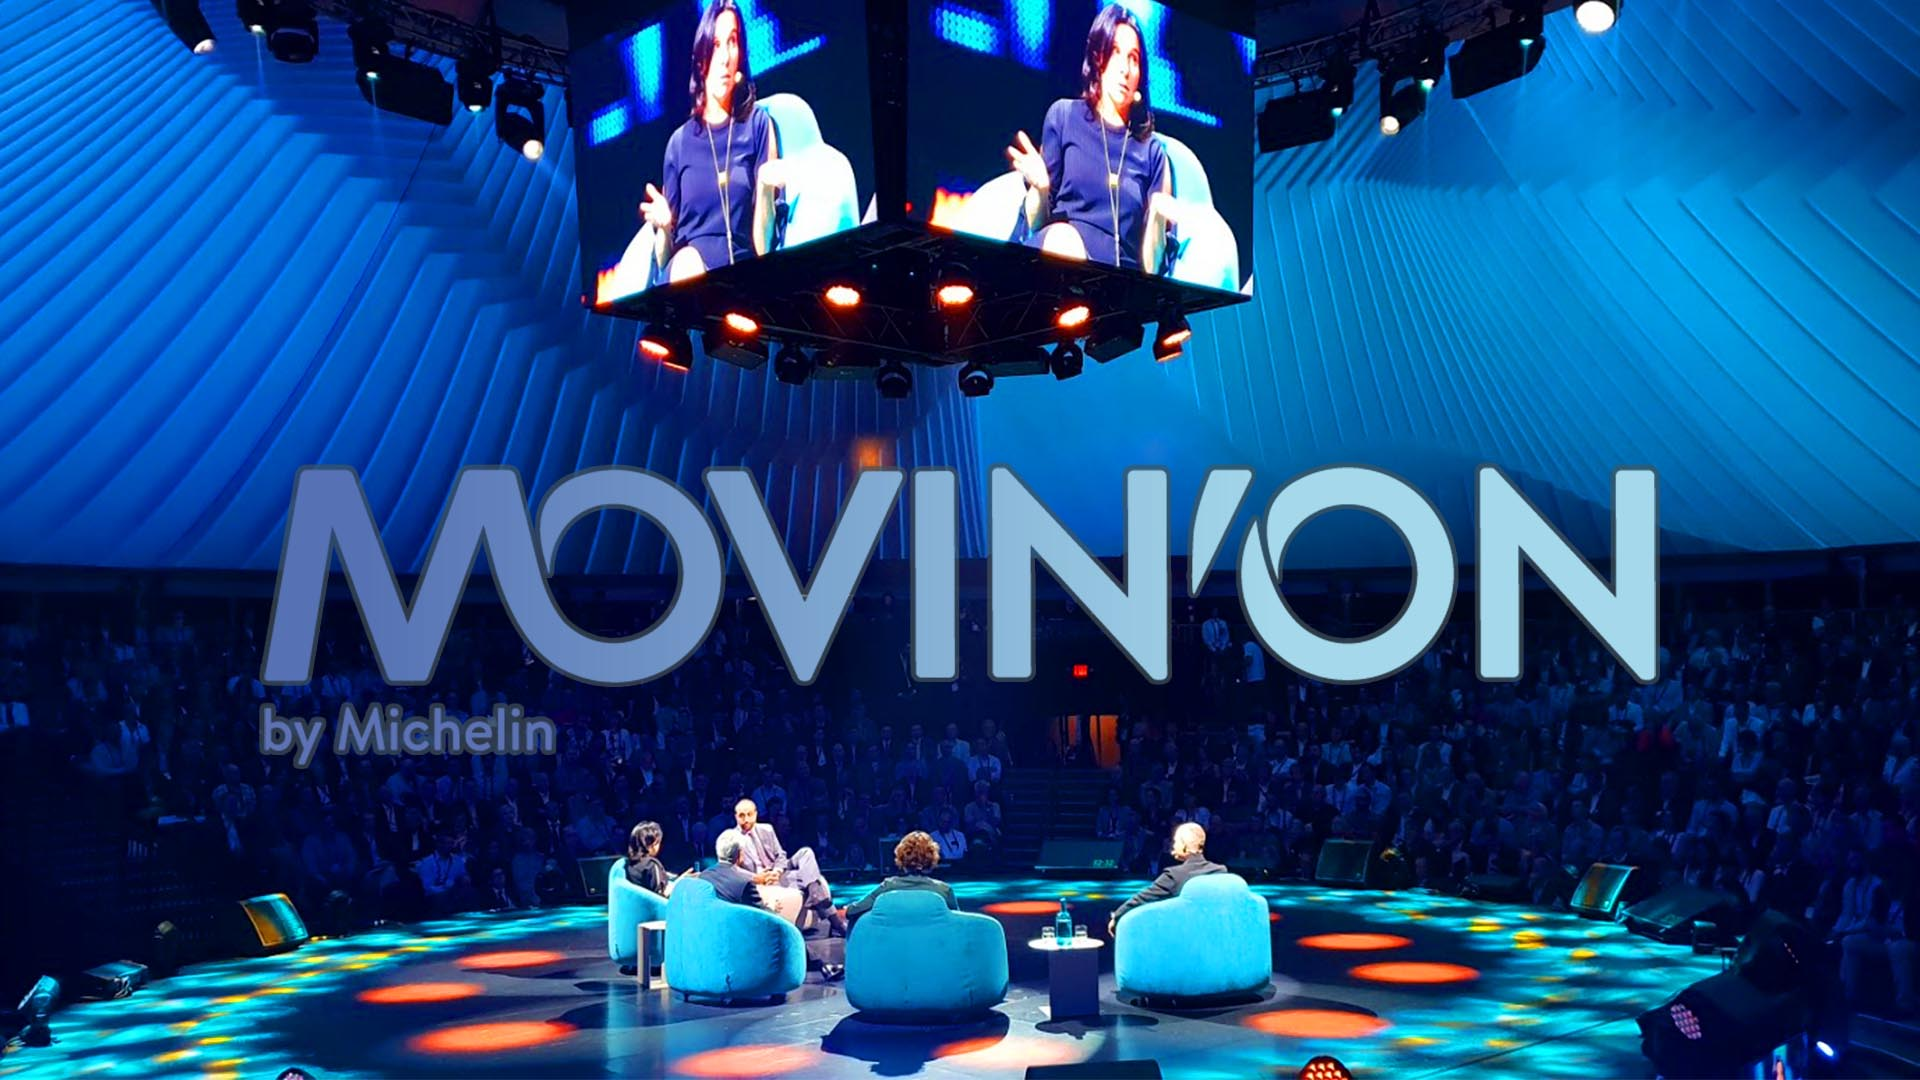 Mobilità sostenibile: ne ho compreso il significato al Movin'on di Montréal thumbnail